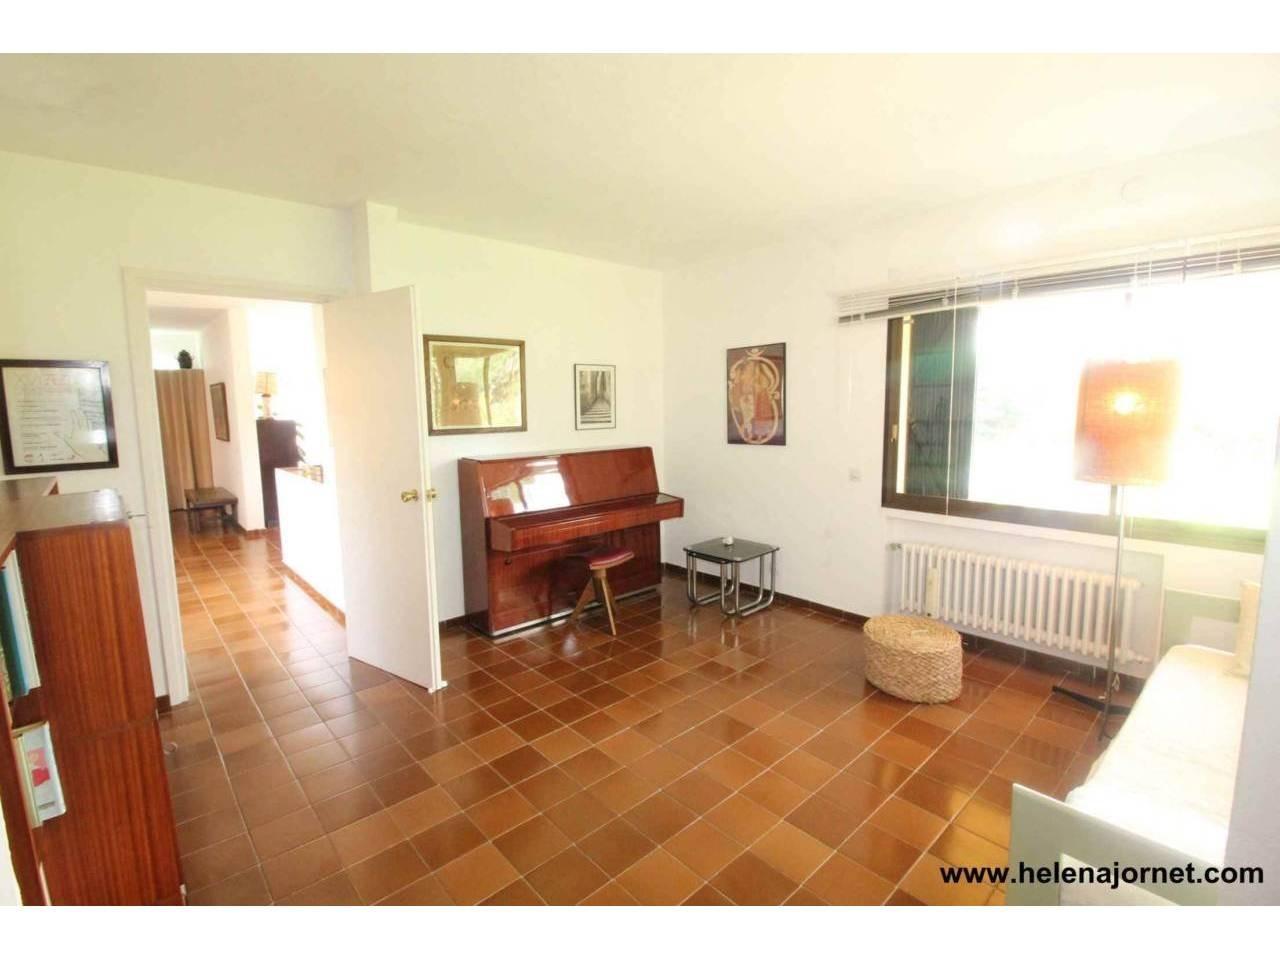 Casa amb amplis espais i un gran terreny - 1007